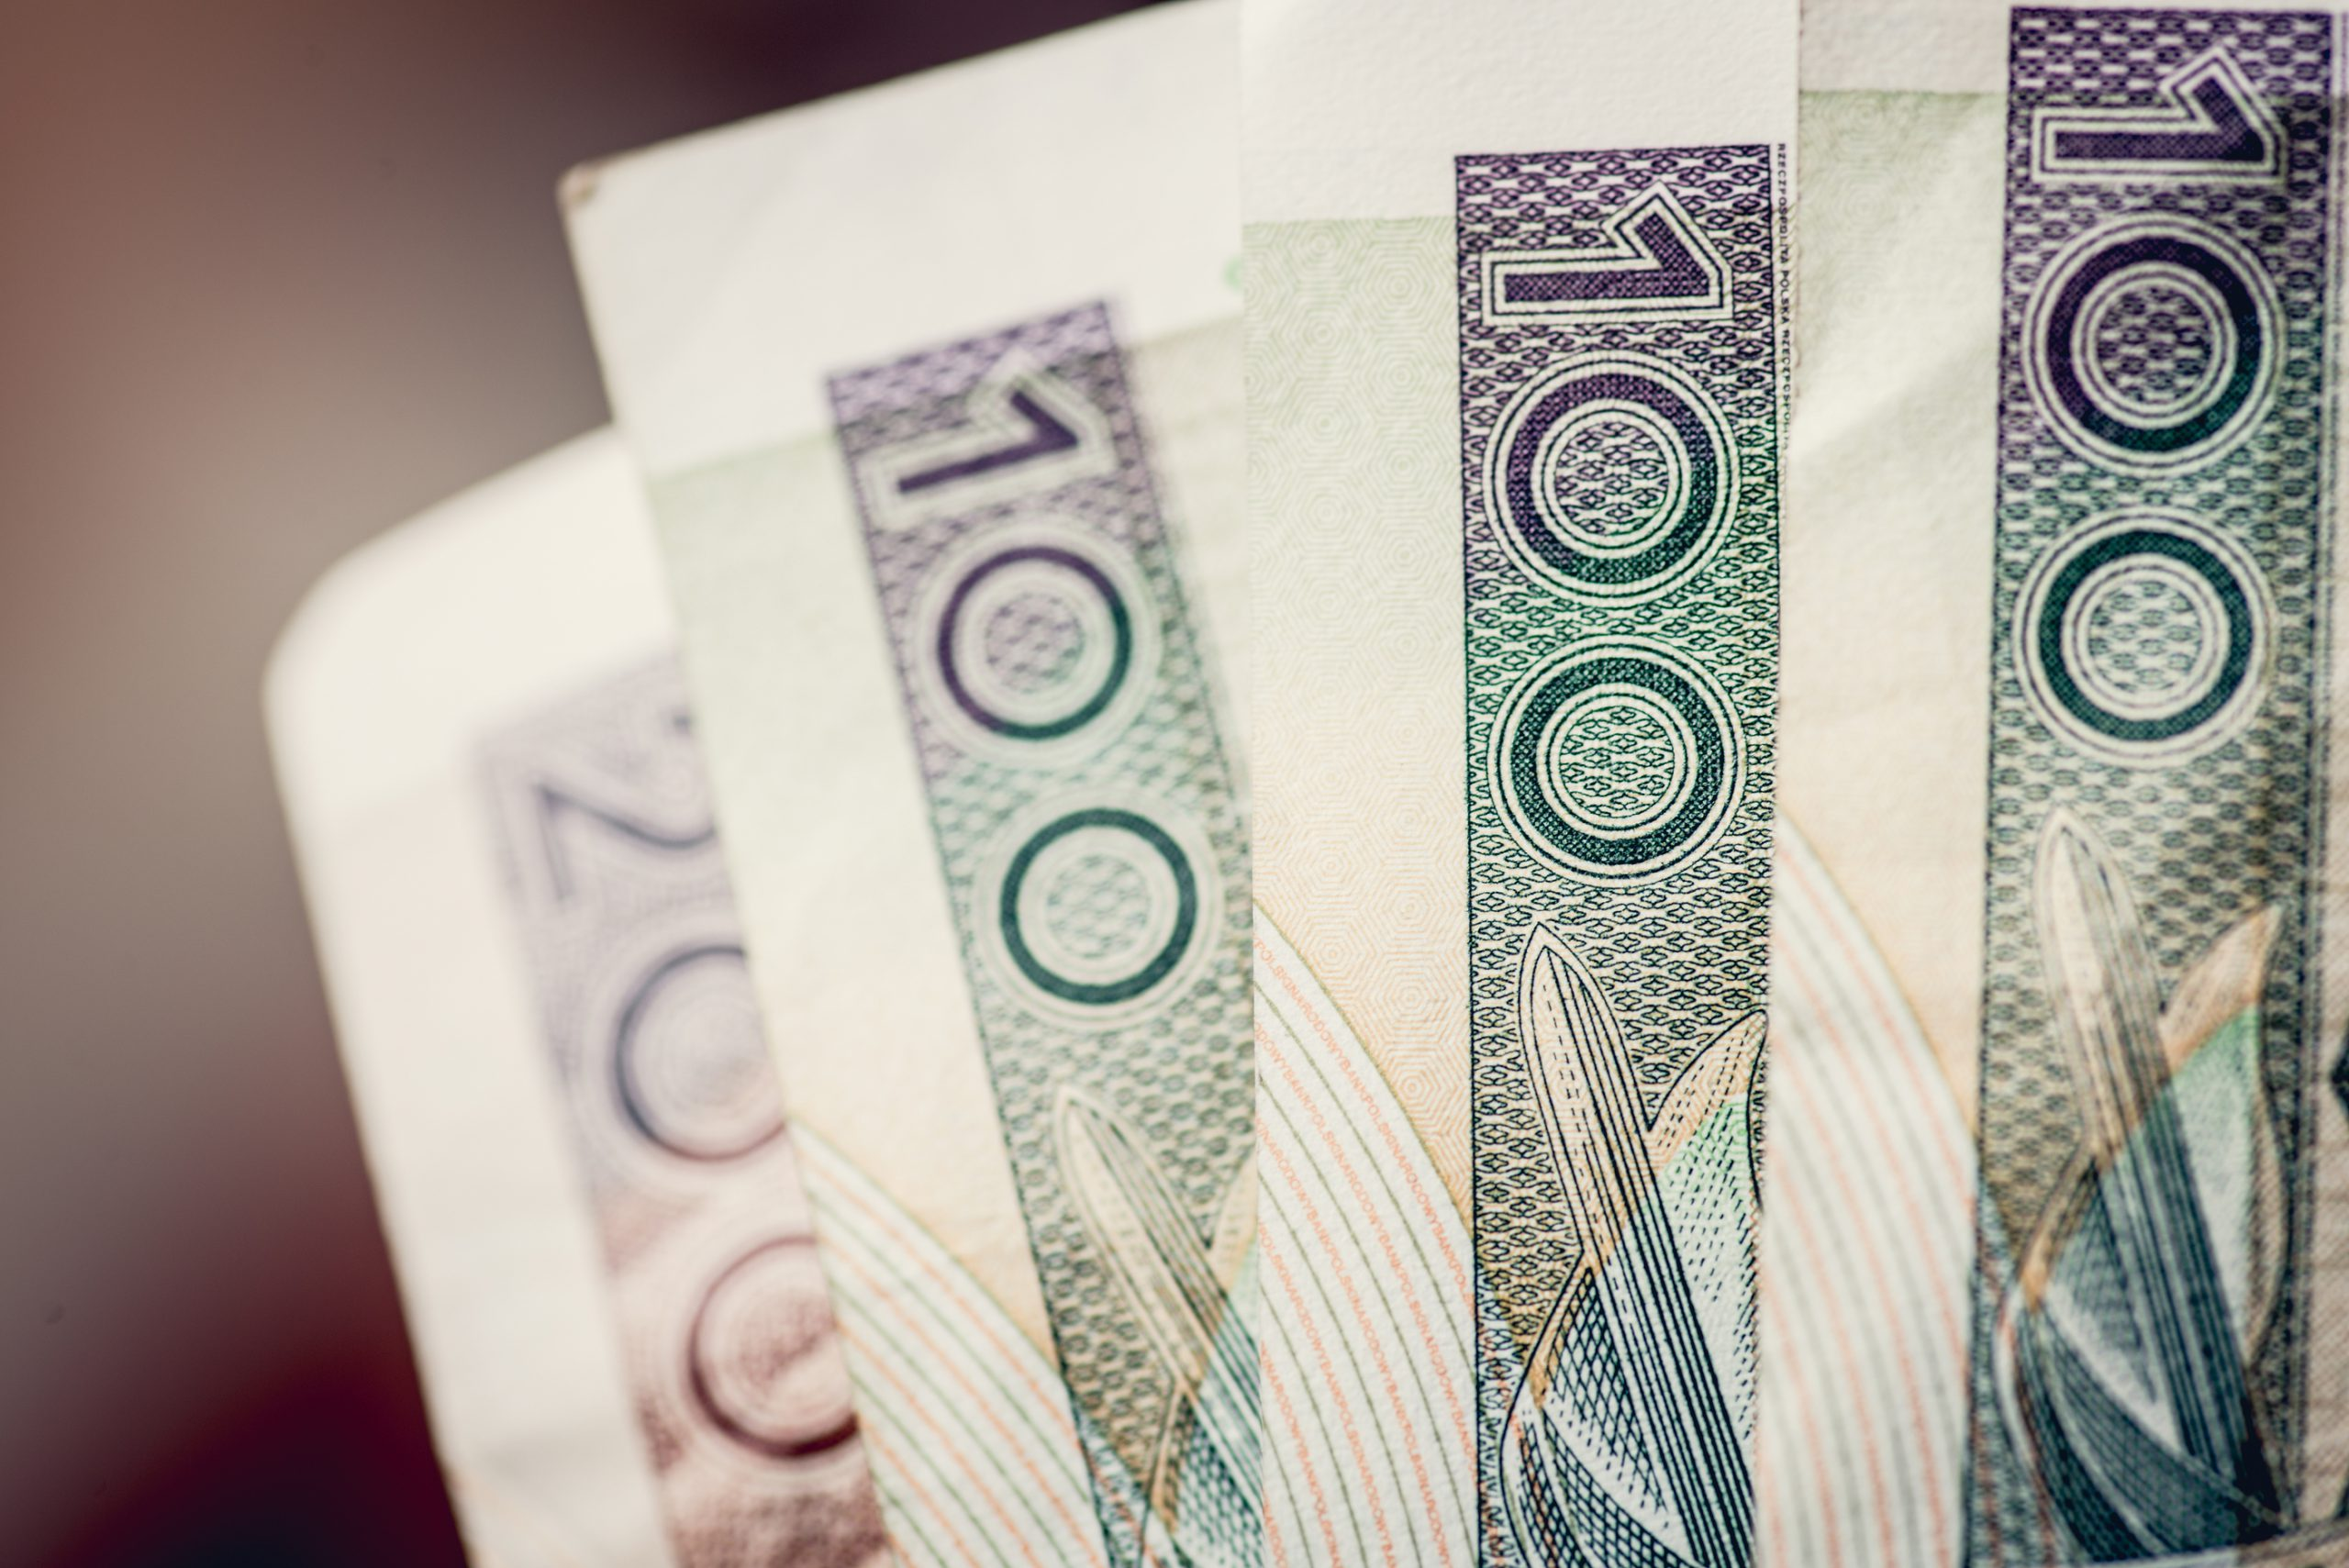 Ulga 500 zł dla małych firm – handlowcy nie zyskają na propozycji PiS